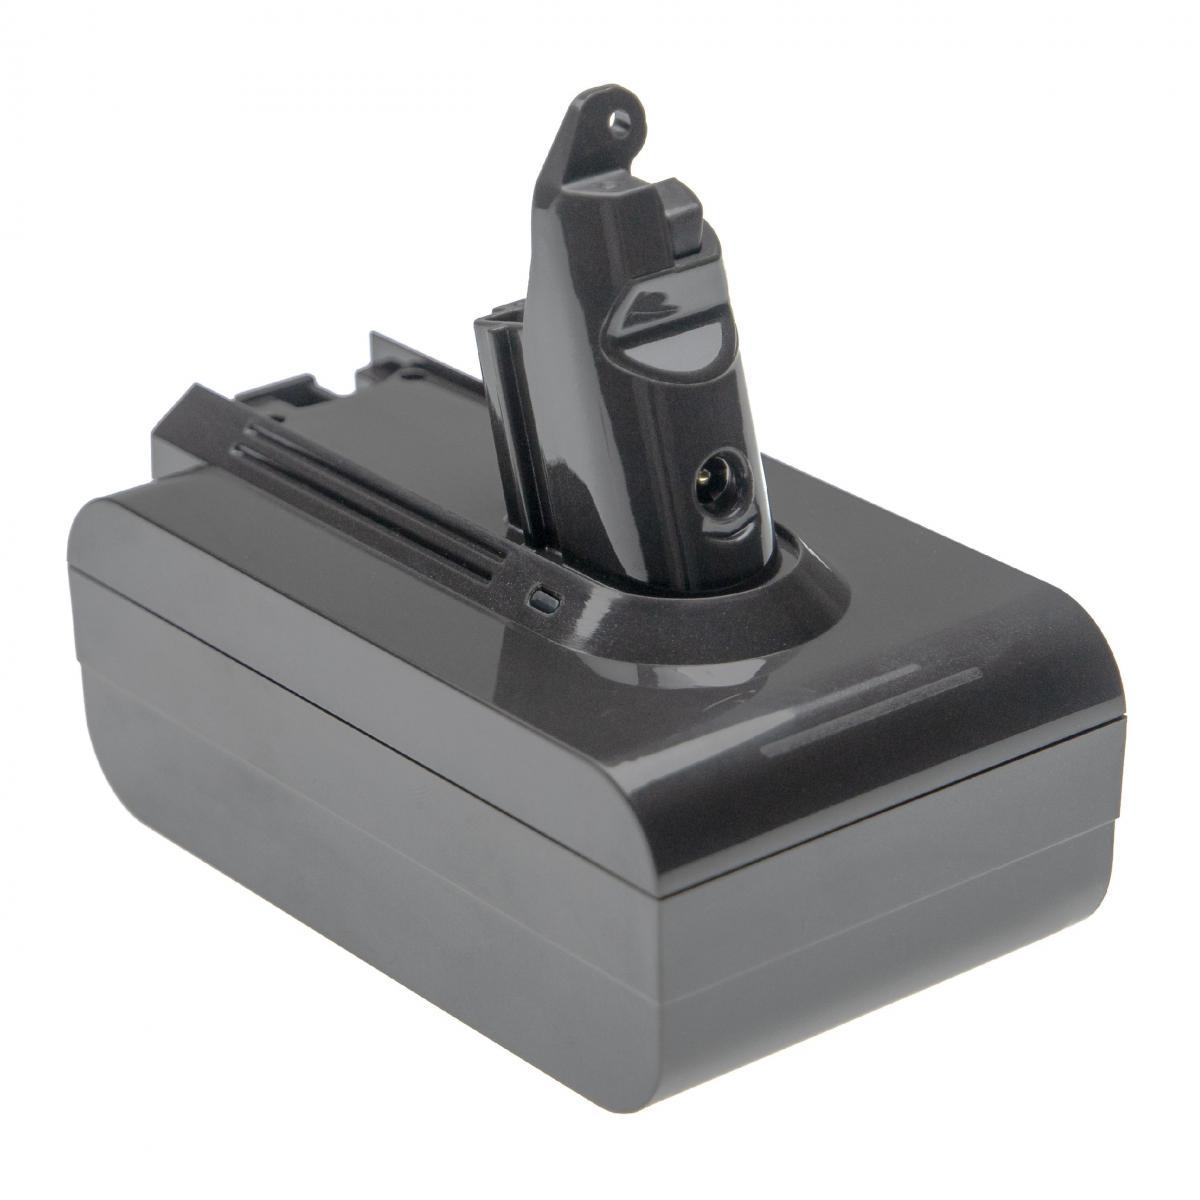 Vhbw vhbw Li-Ion batterie 4000mAh (21.6V) pour aspirateur Home Cleaner robots domestiques compatible avec Dyson V6 Animalpro,